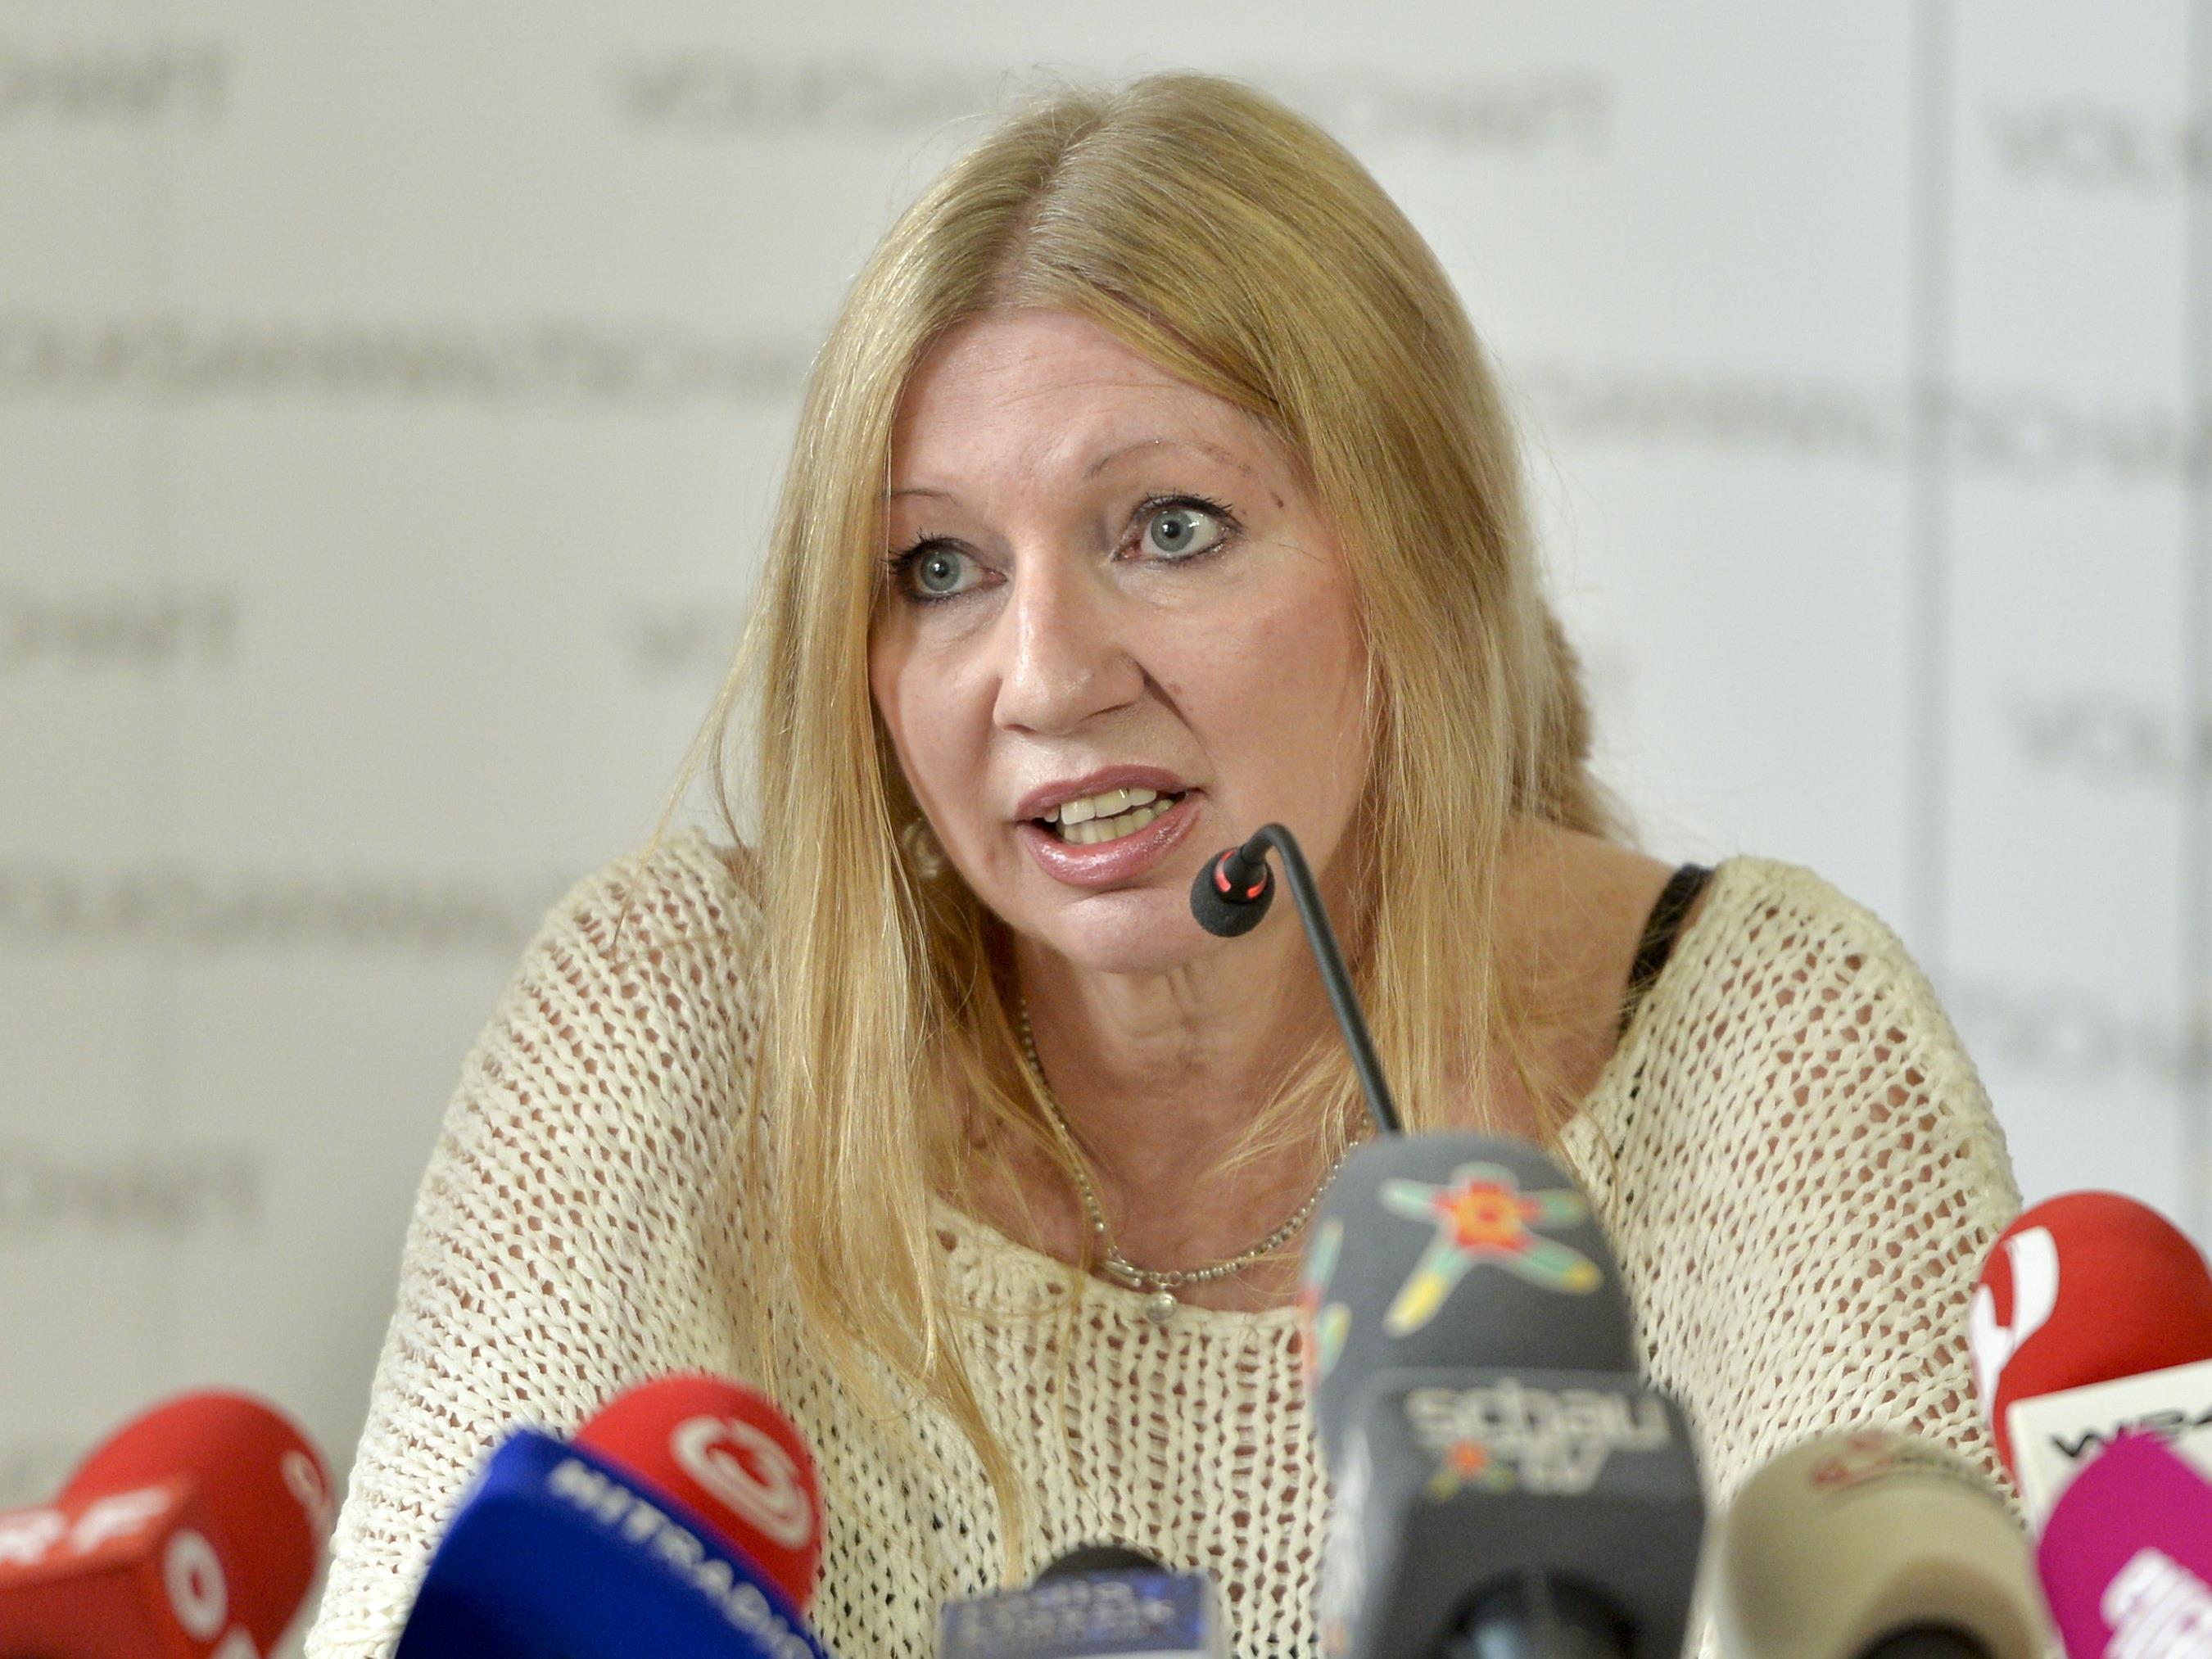 Monika Pinterits meint es ist nur die Tat zu verurteilen - nicht die Jugendlichen.